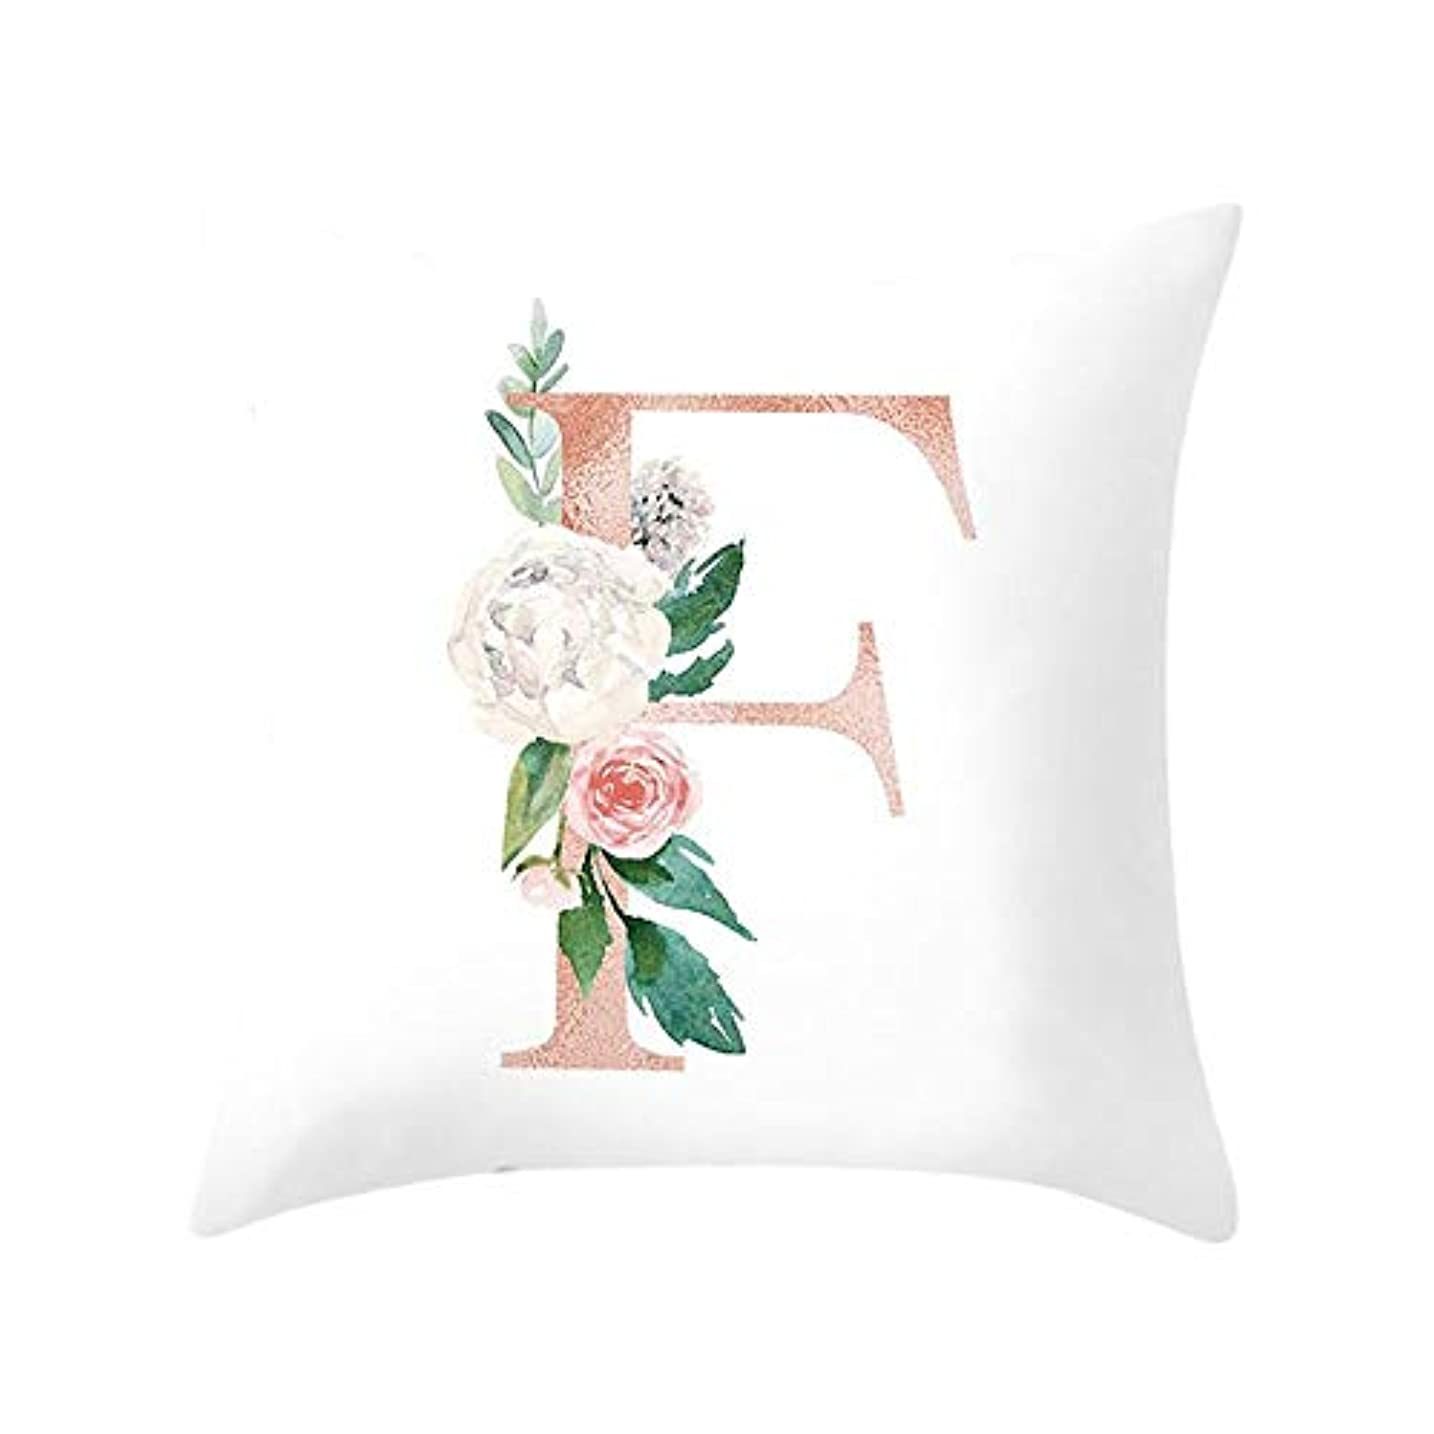 ディスクパッケージループLIFE 装飾クッションソファ手紙枕アルファベットクッション印刷ソファ家の装飾の花枕 coussin decoratif クッション 椅子